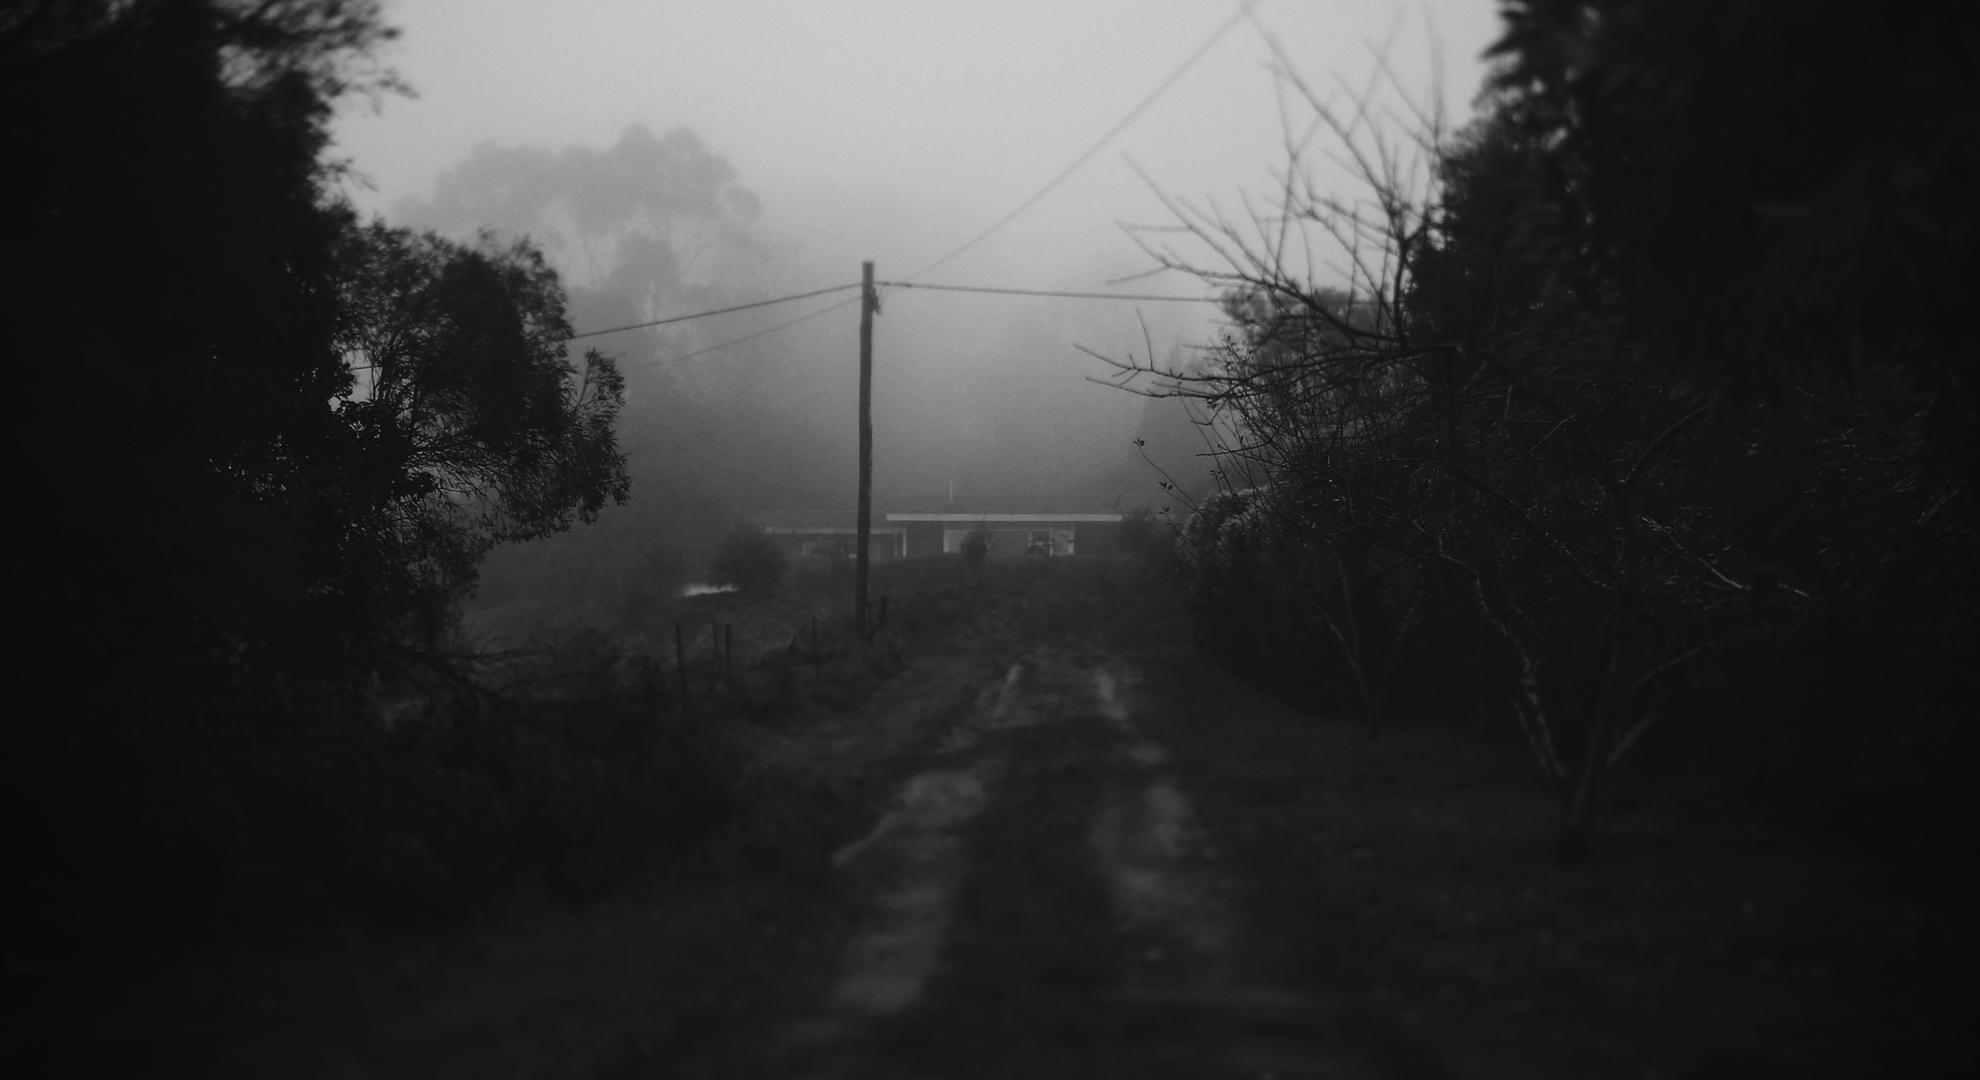 Безысходность туман